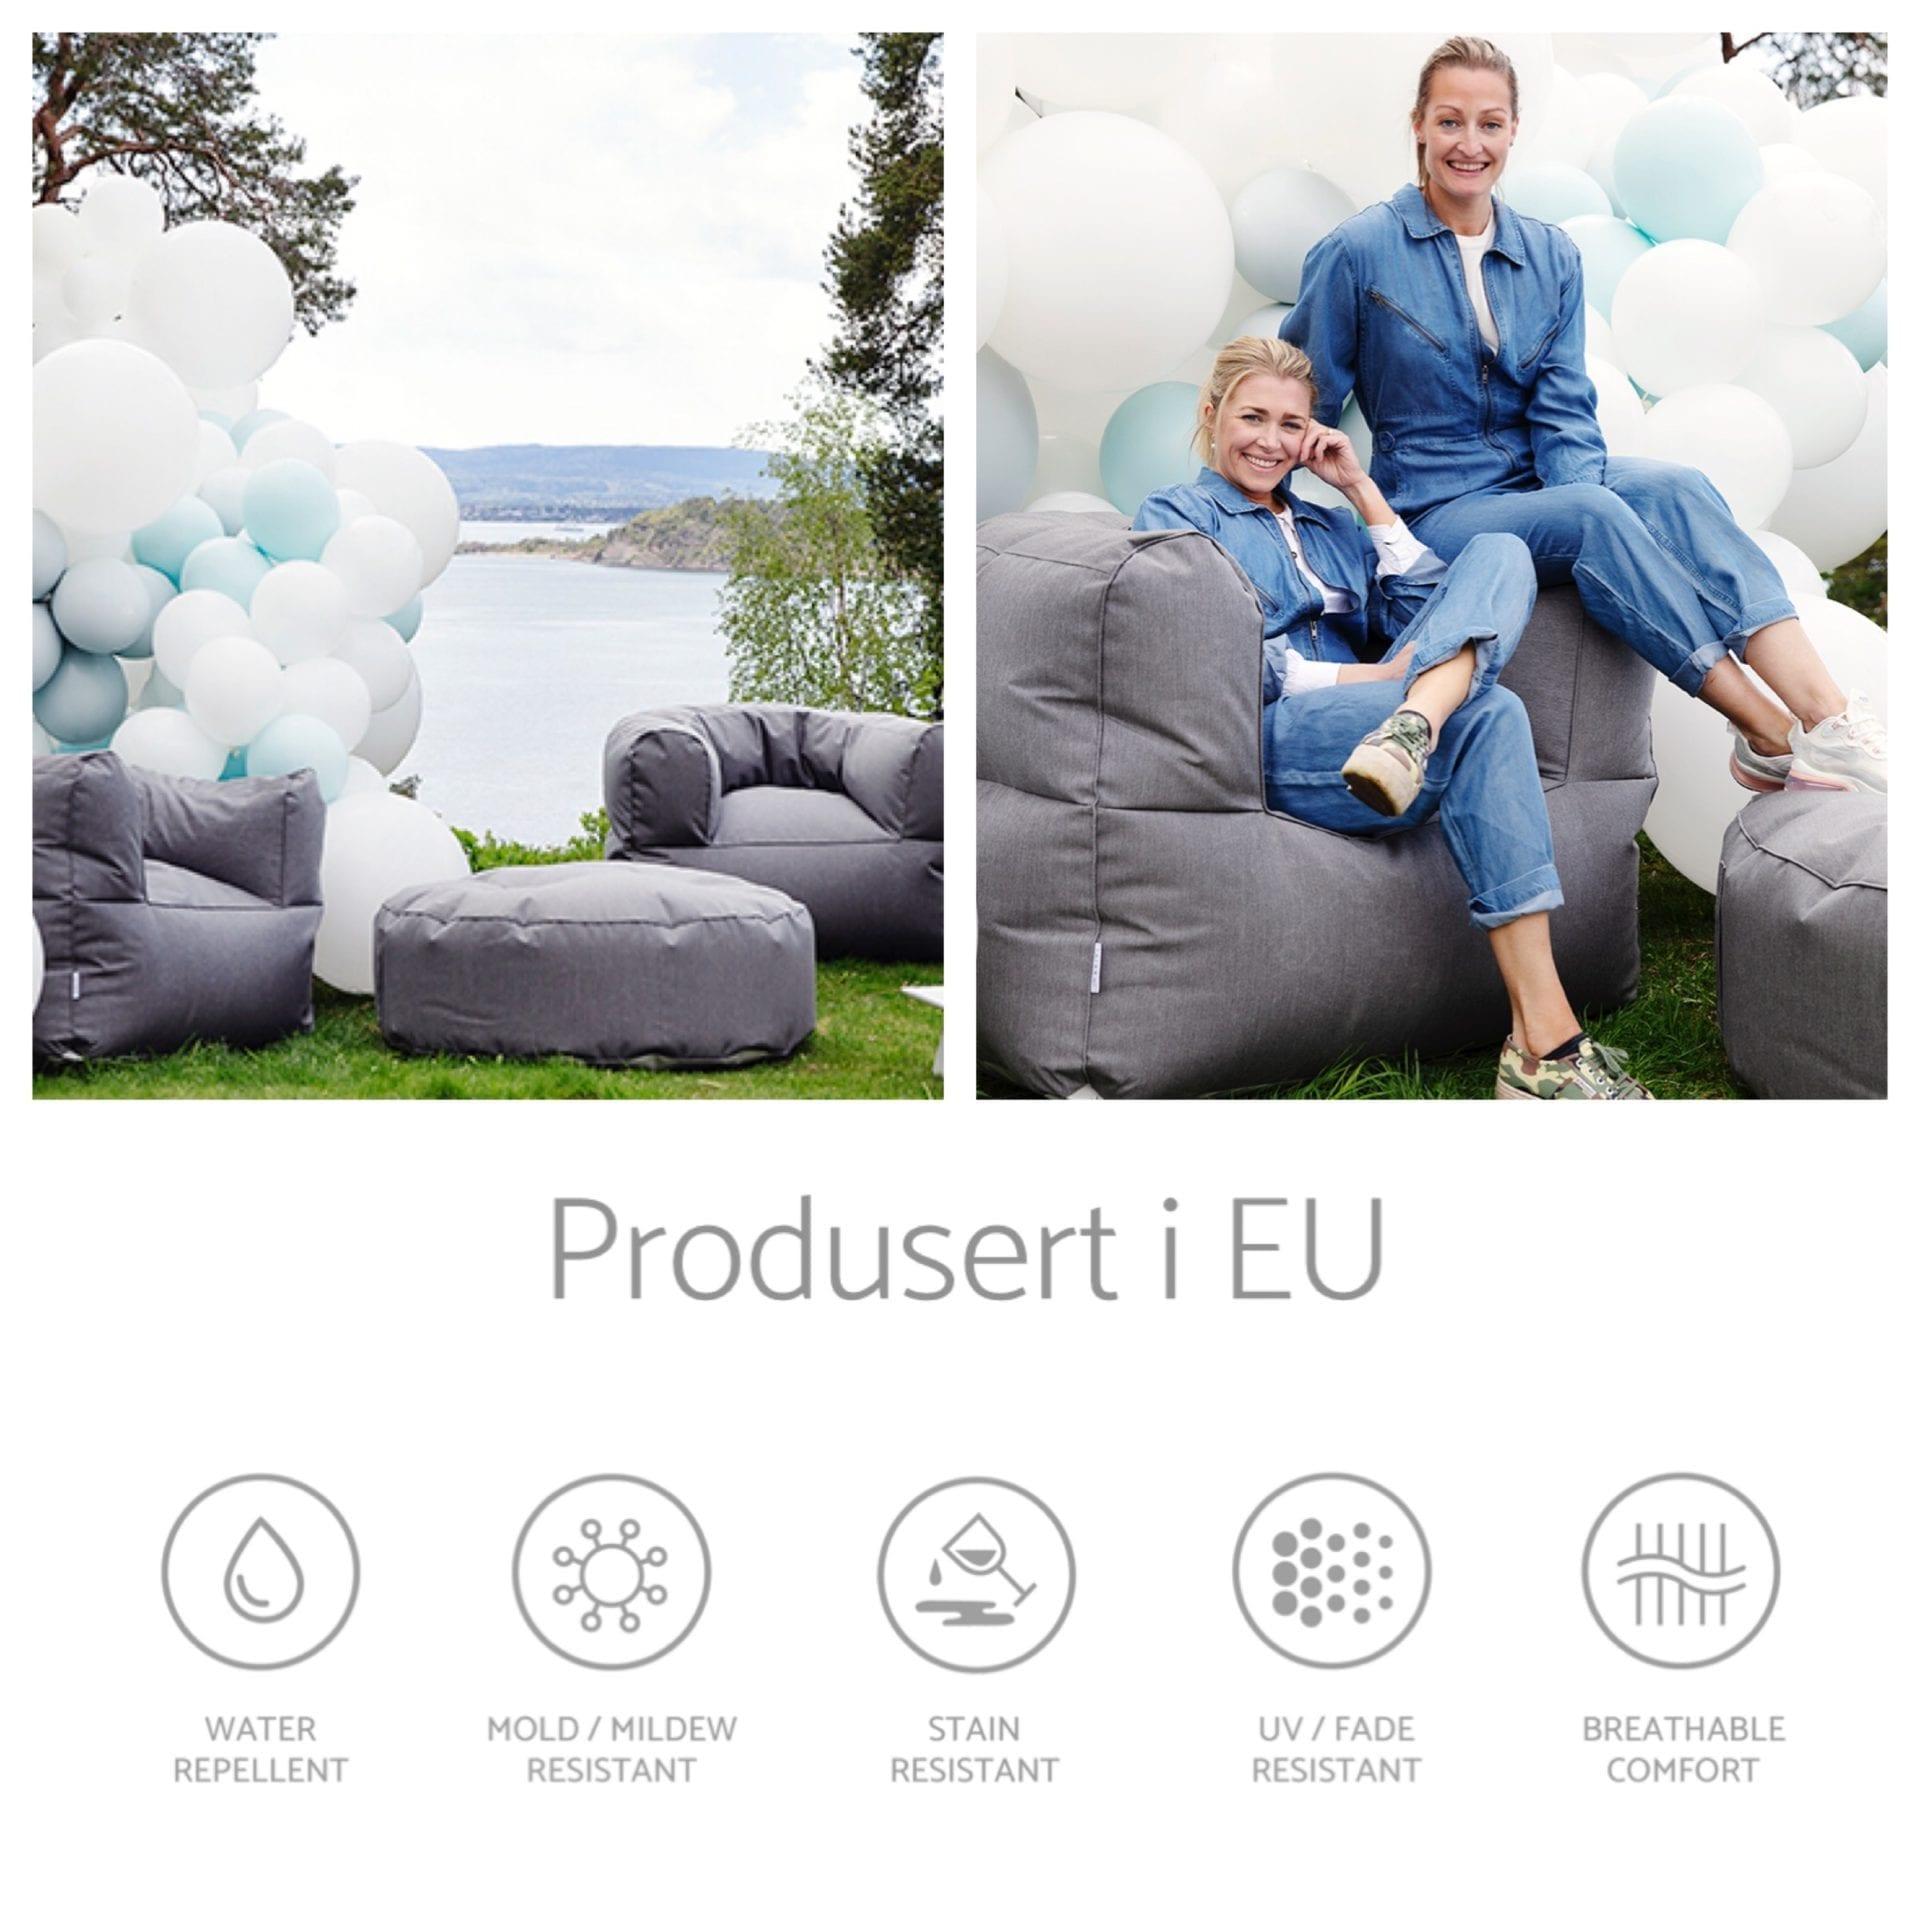 Trimm-copenhagen-fine-design Hagemøbler og utemøbler - Fine design